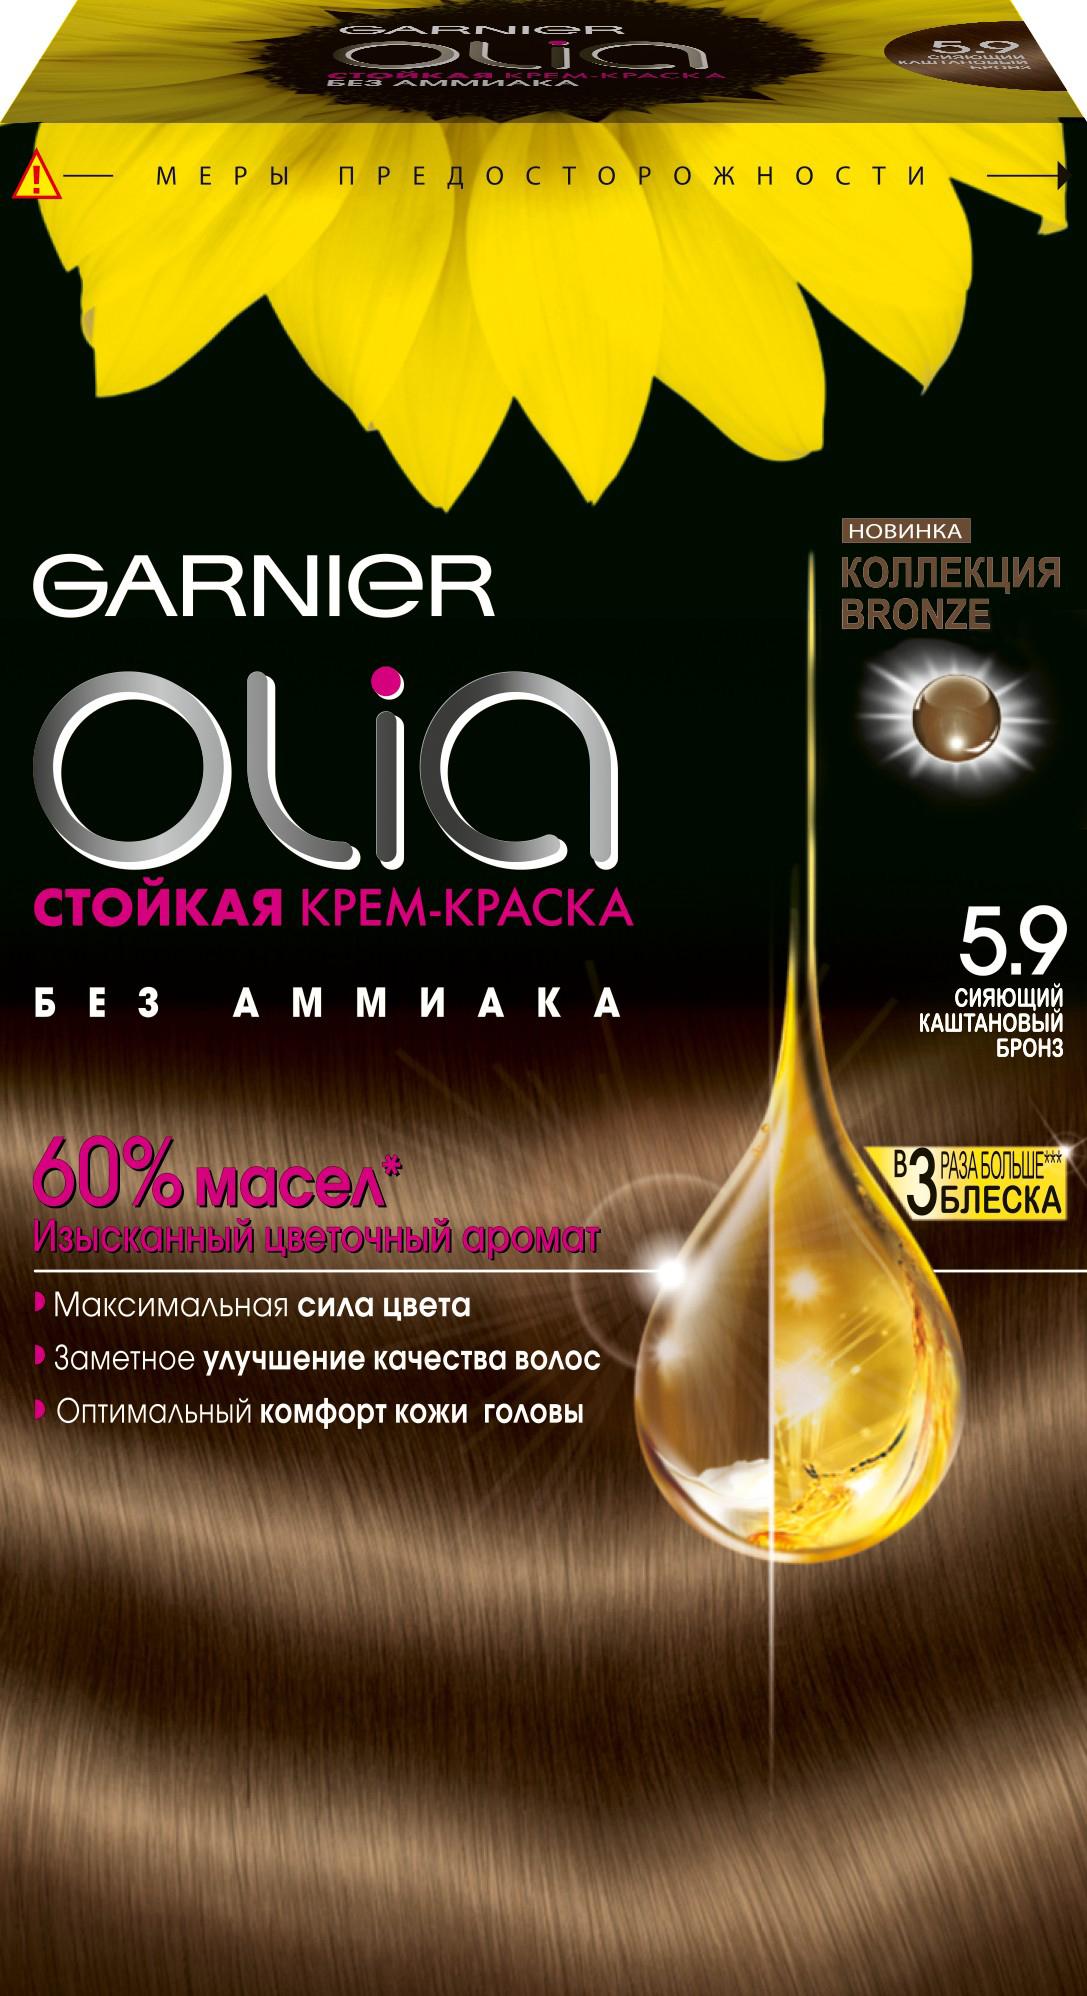 Garnier Стойкая крем-краска для волос Olia без аммиака, оттенок 5.9, Сияющий каштановый бронзE0897900Garnier Olia - первая стойкая крем-краска без аммиака c цветочным маслом. Olia обеспечивает максимальную силу цвета и заметно улучшает качество волос. Обеспечивает уникальное чувственное нанесение, оптимальный комфорт кожи головы и обладает изысканным цветочным ароматом. Узнай больше об окрашивании на http://coloracademy.ru//В состав упаковки входит: тюбик с молочком-проявителем; тюбик с крем-краской; флакон с бальзамом-уходом для волос Шелк и Блеск;инструкция; пара перчаток .